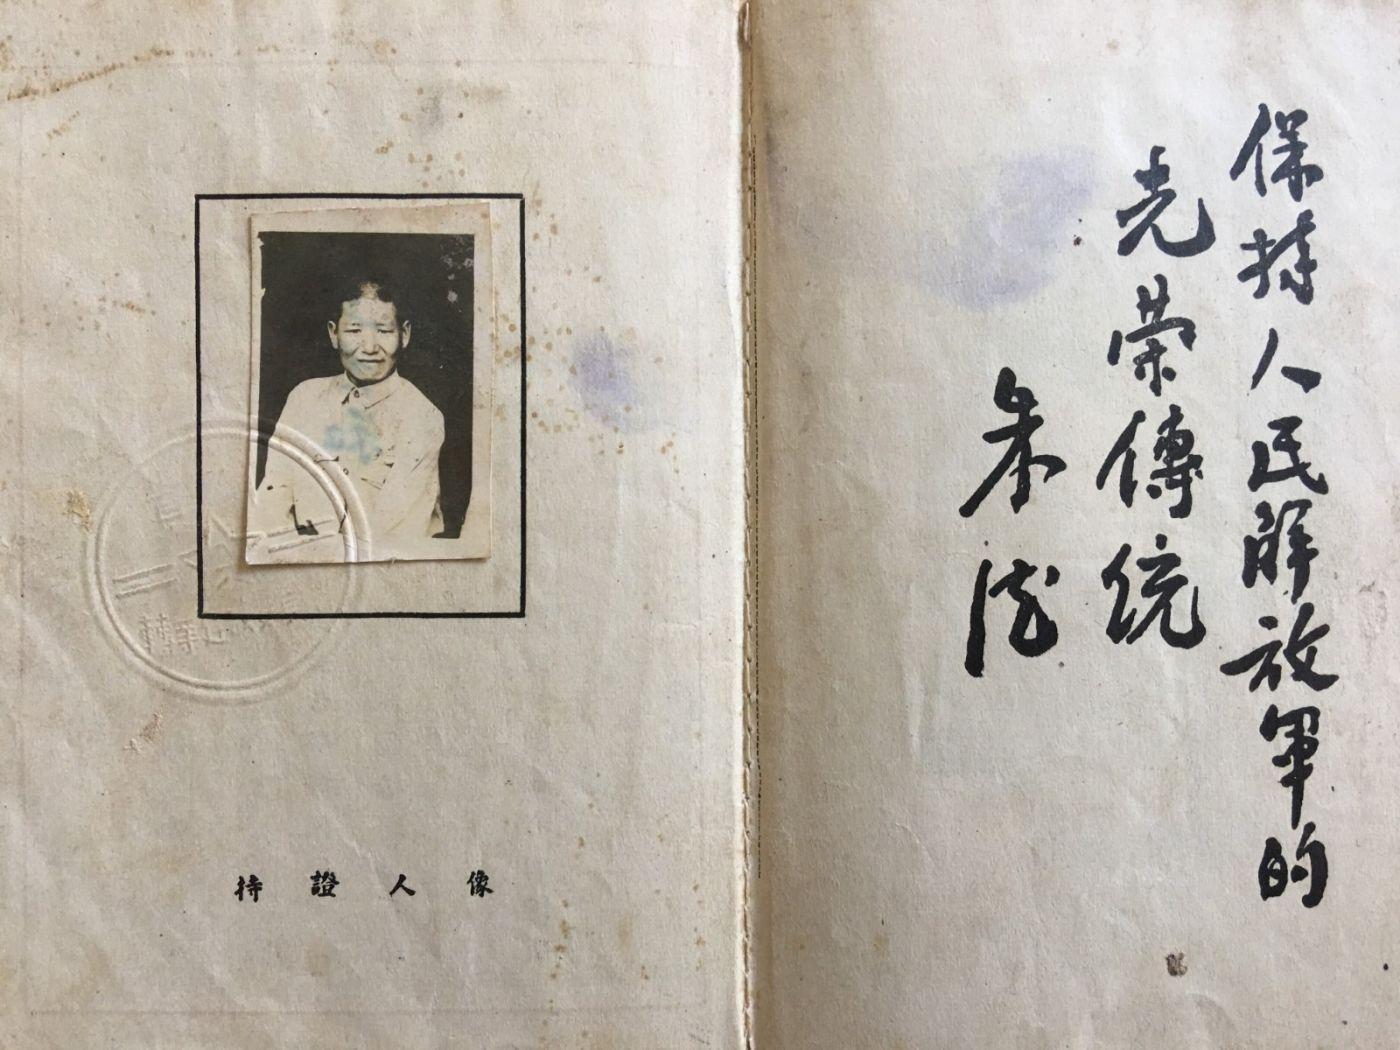 先父李太和军旅简介_图1-1